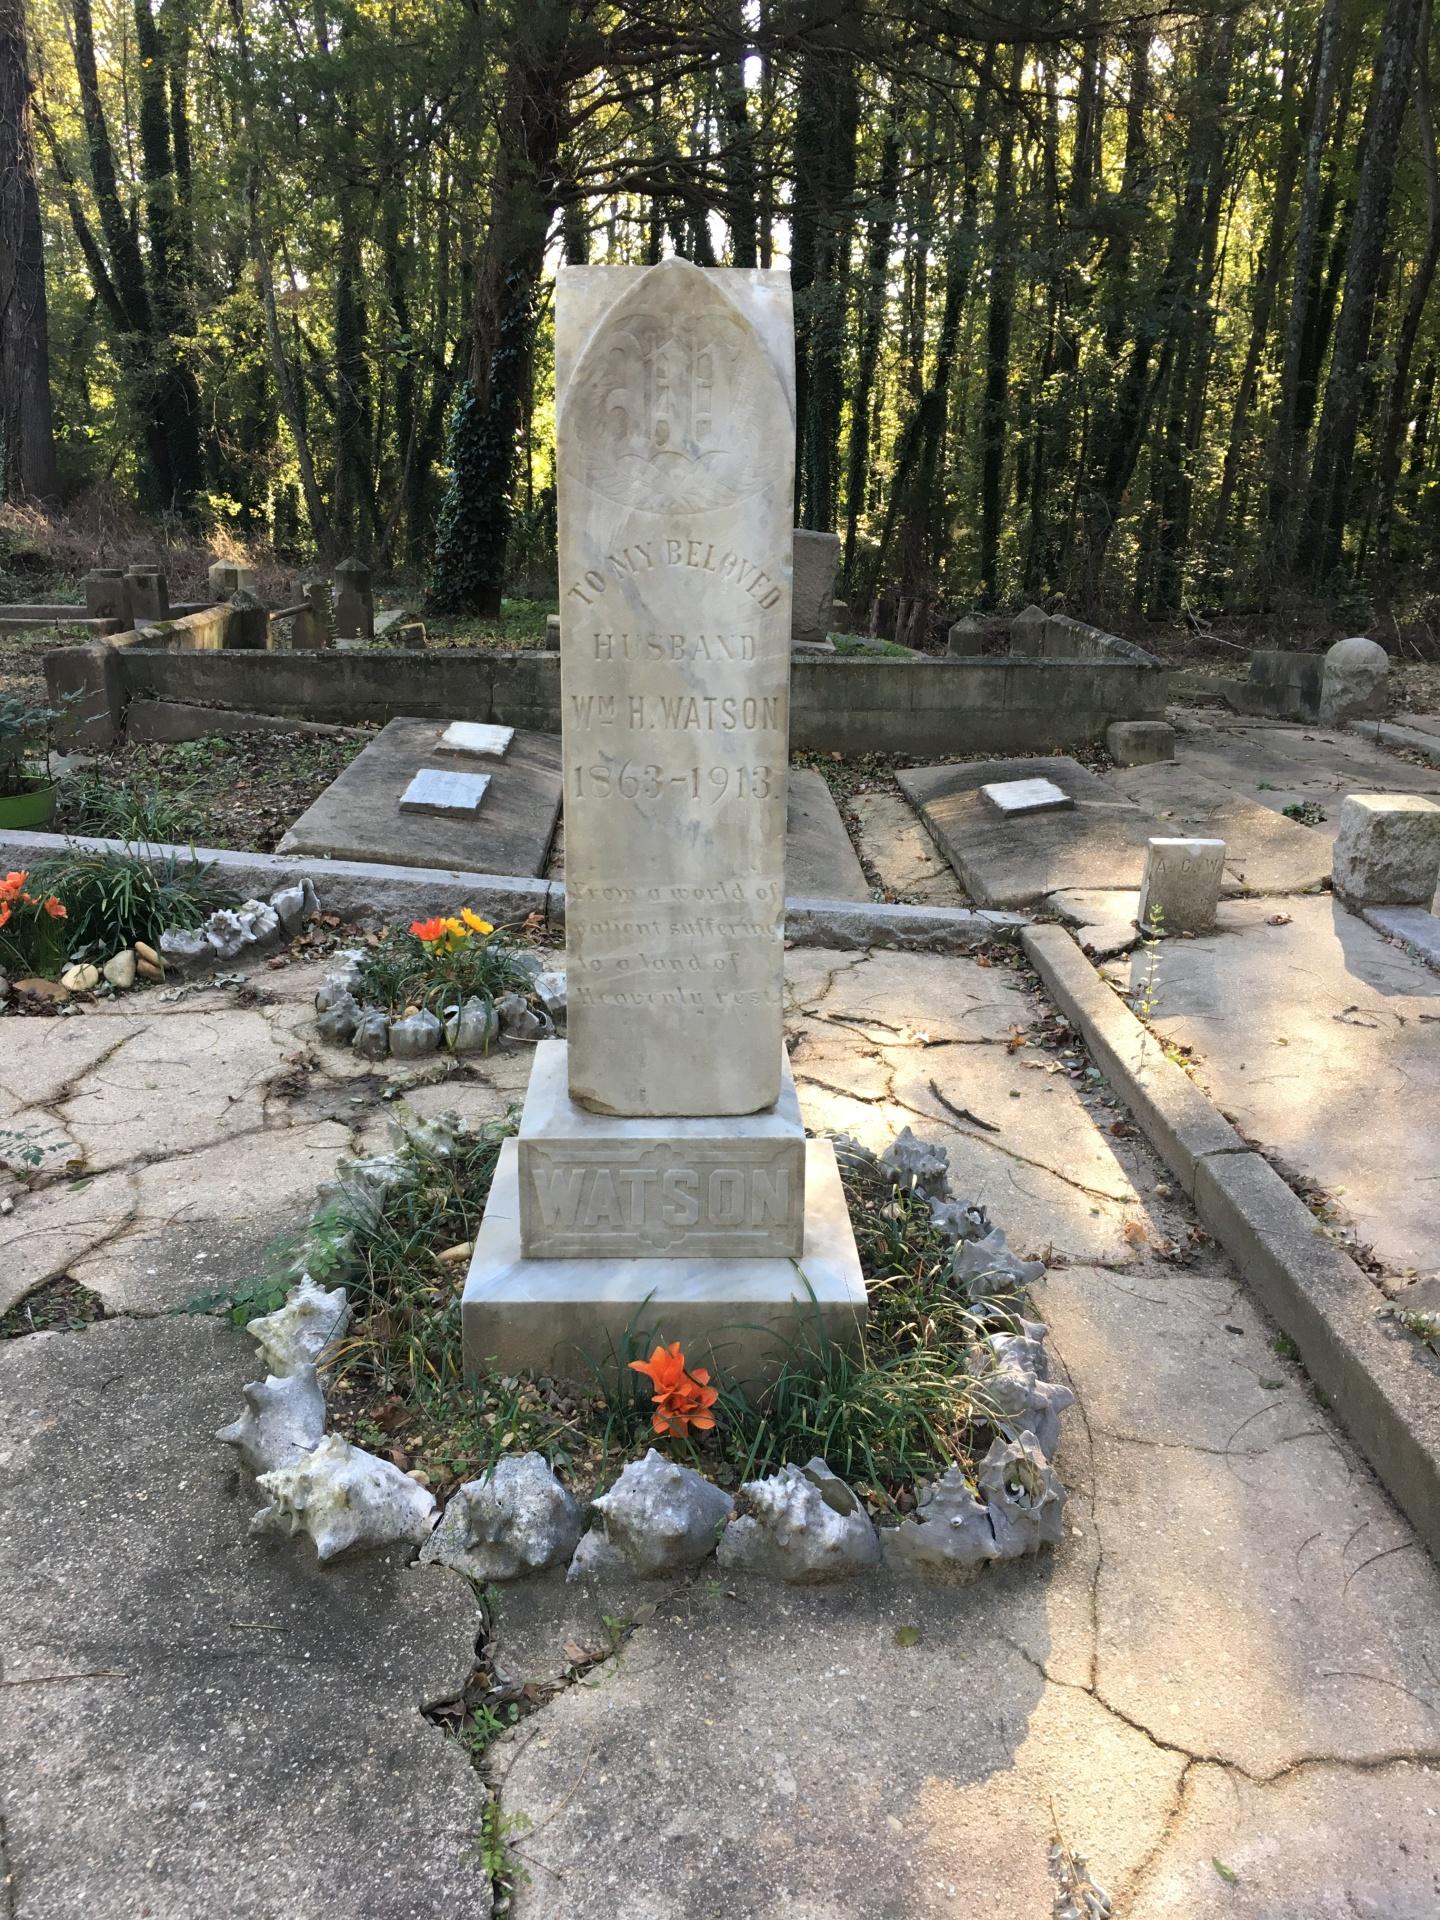 Gravestone of William H. Watson